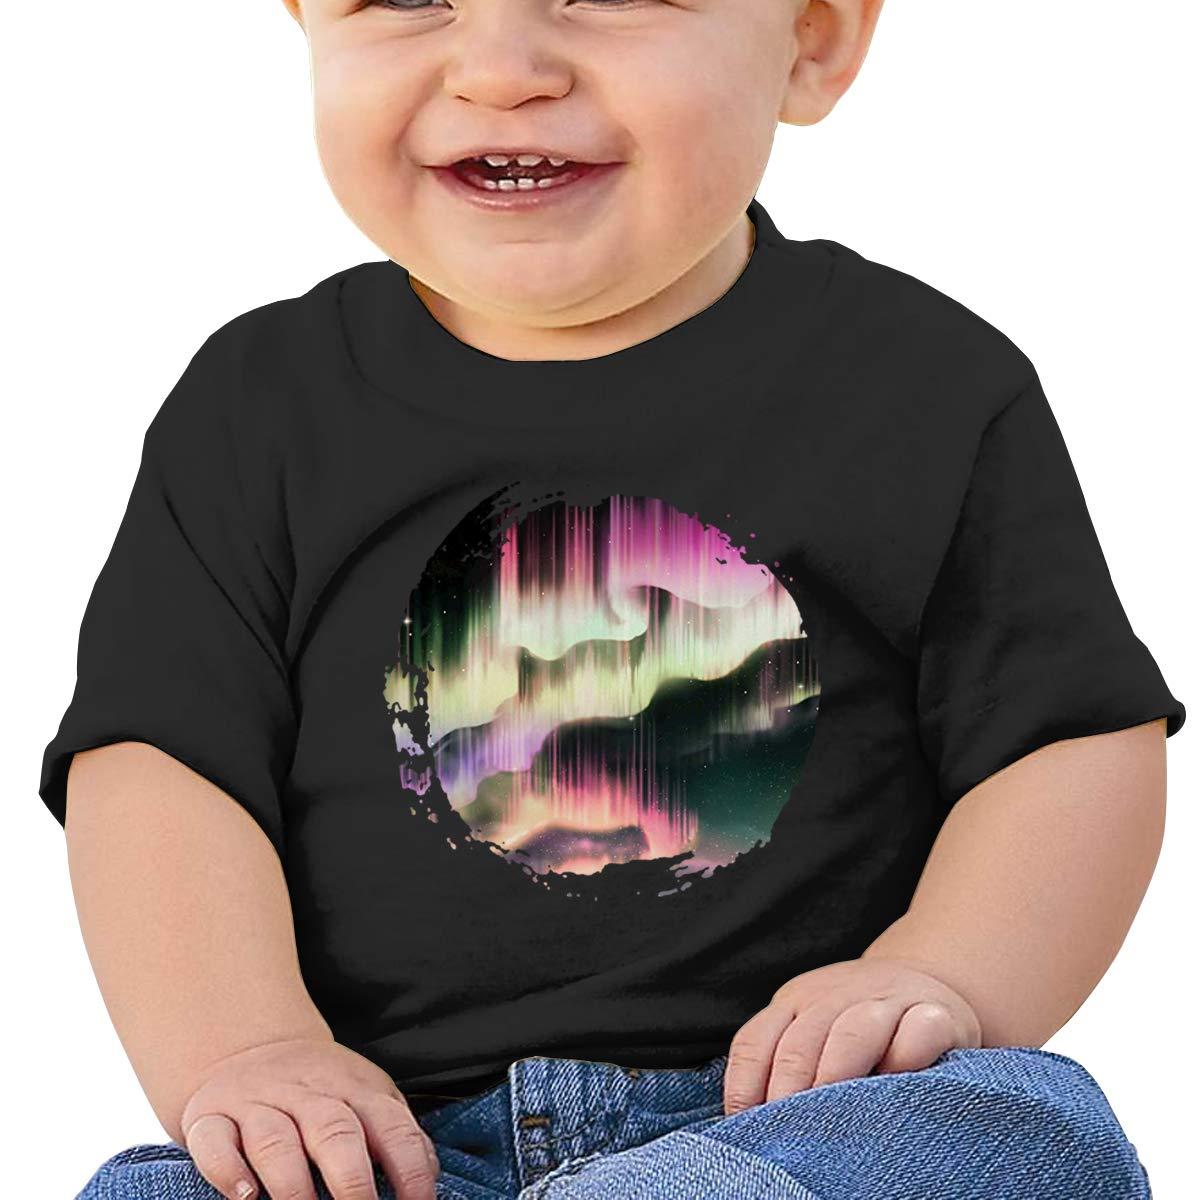 Kangtians Baby Zeds Dead Short Sleeve Shirt Toddler Tee